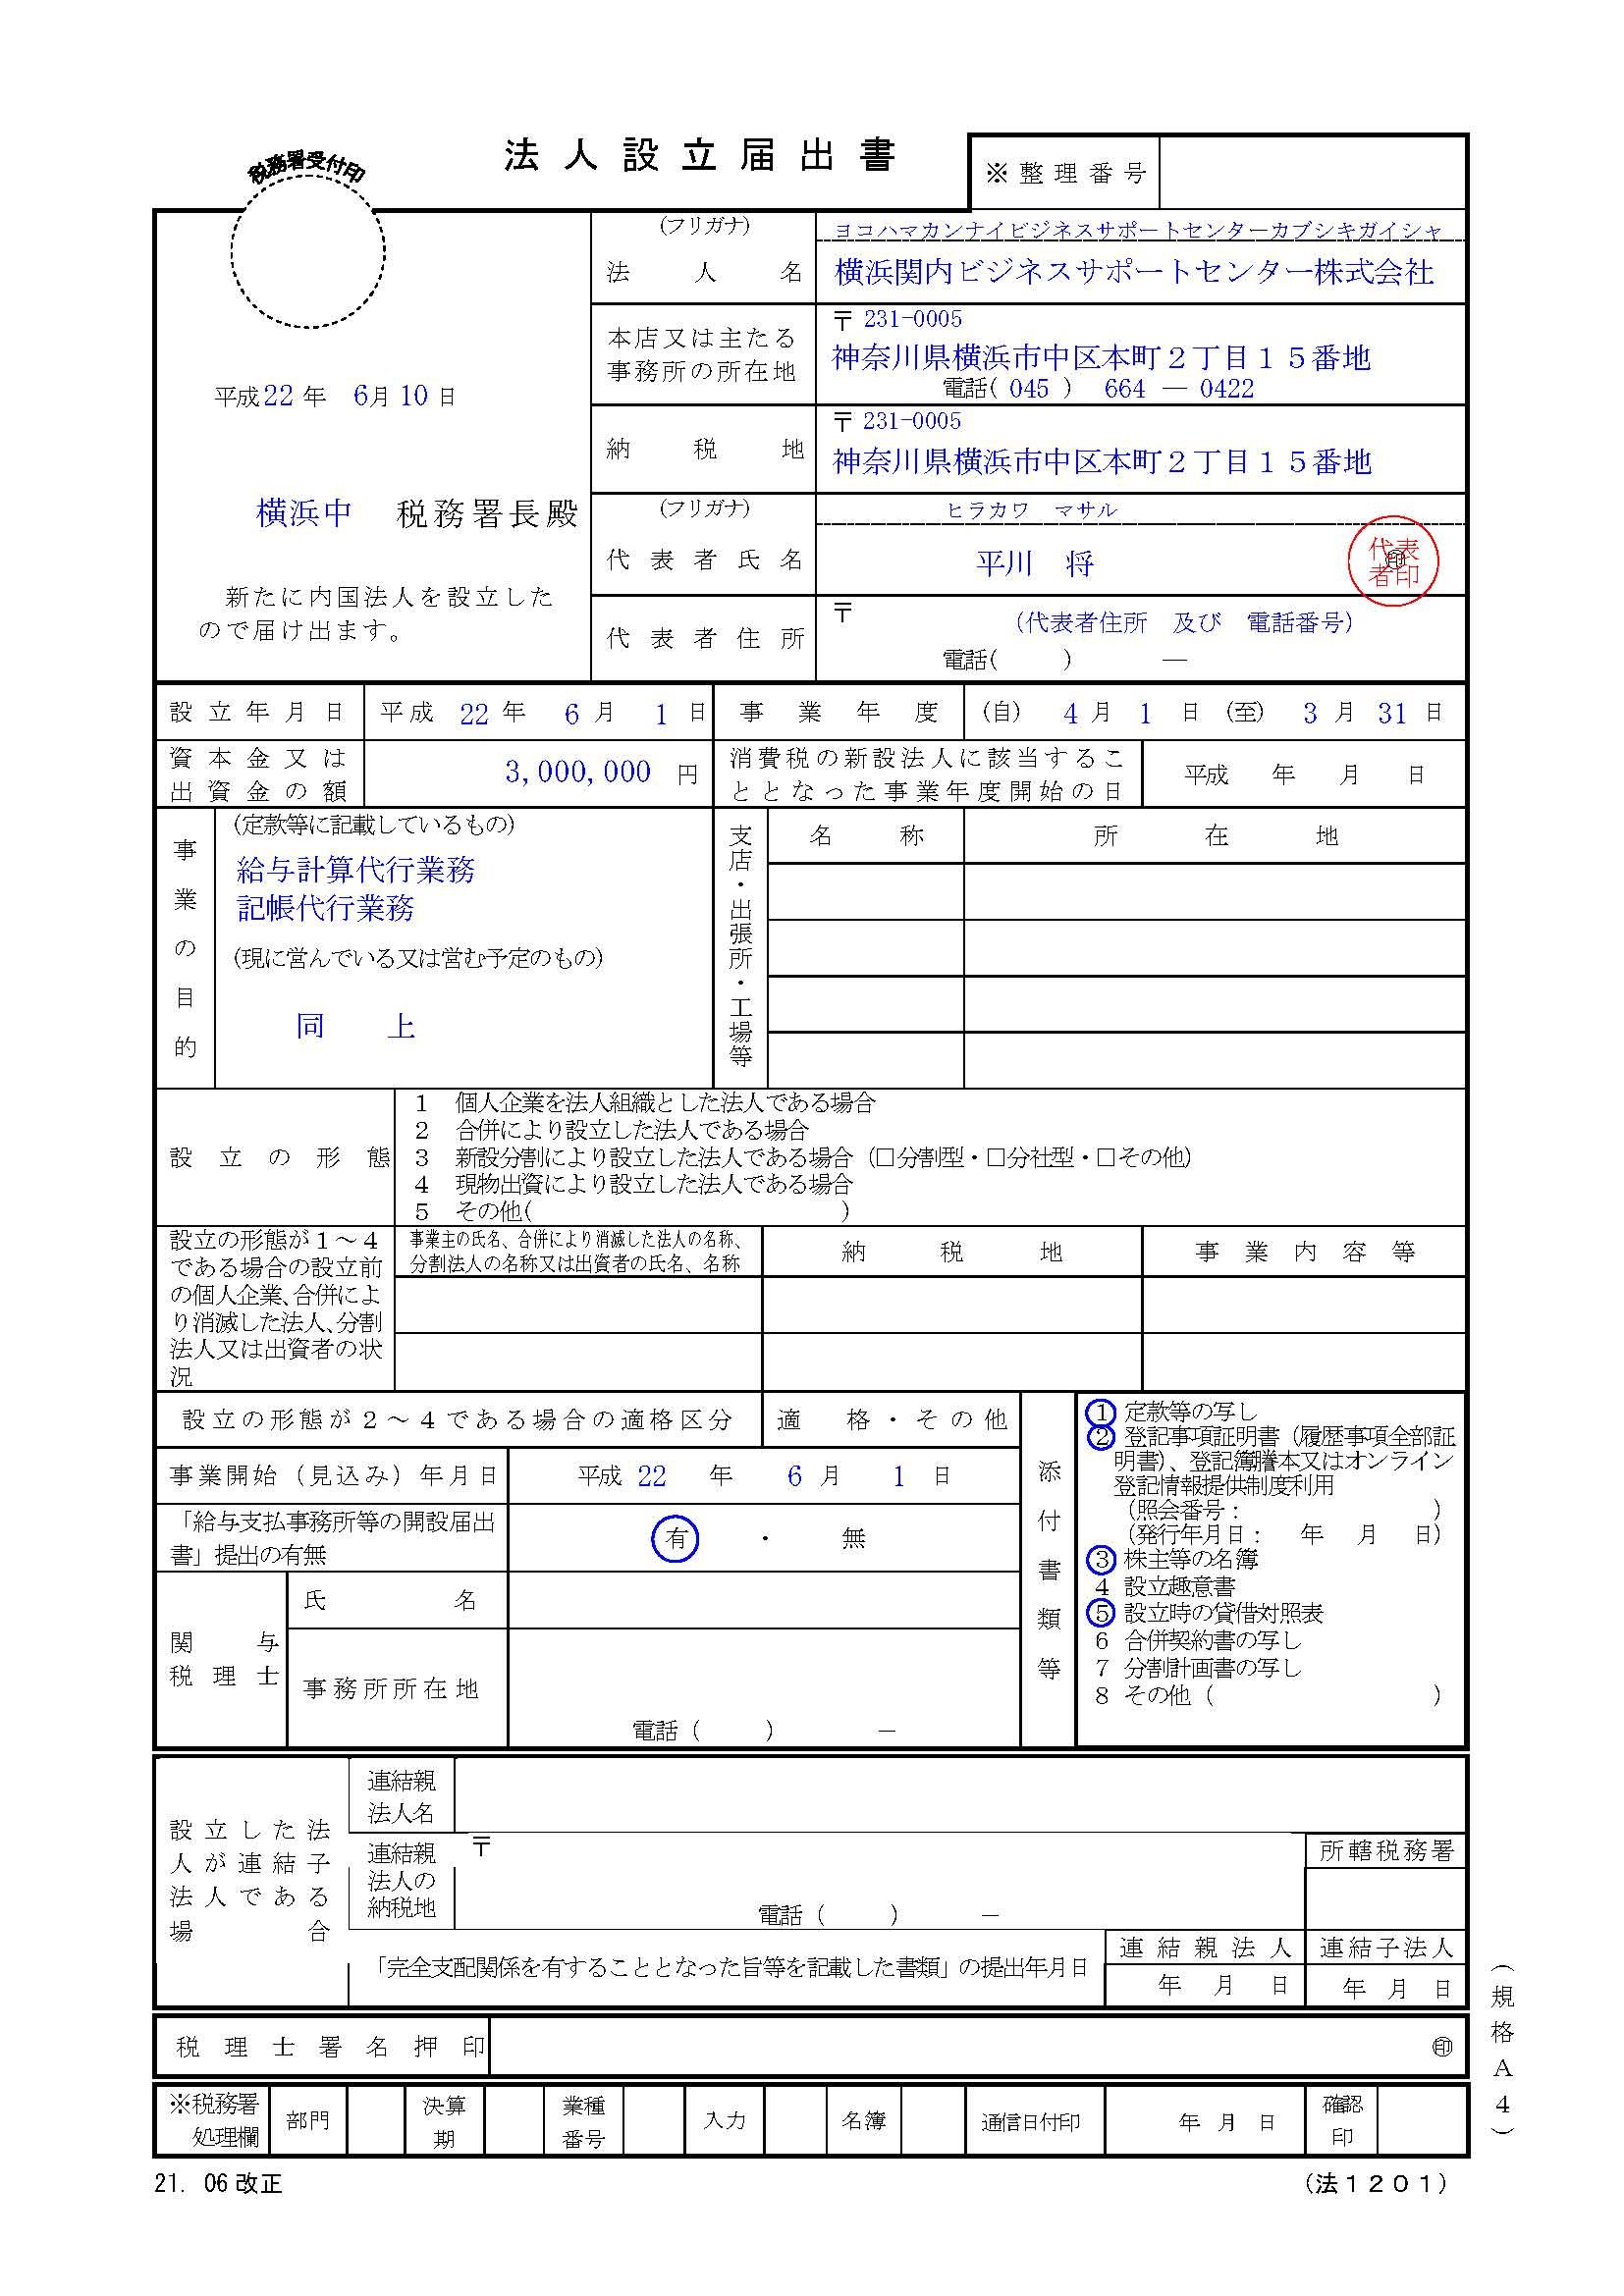 株主 名簿 記載 事項 証明 書